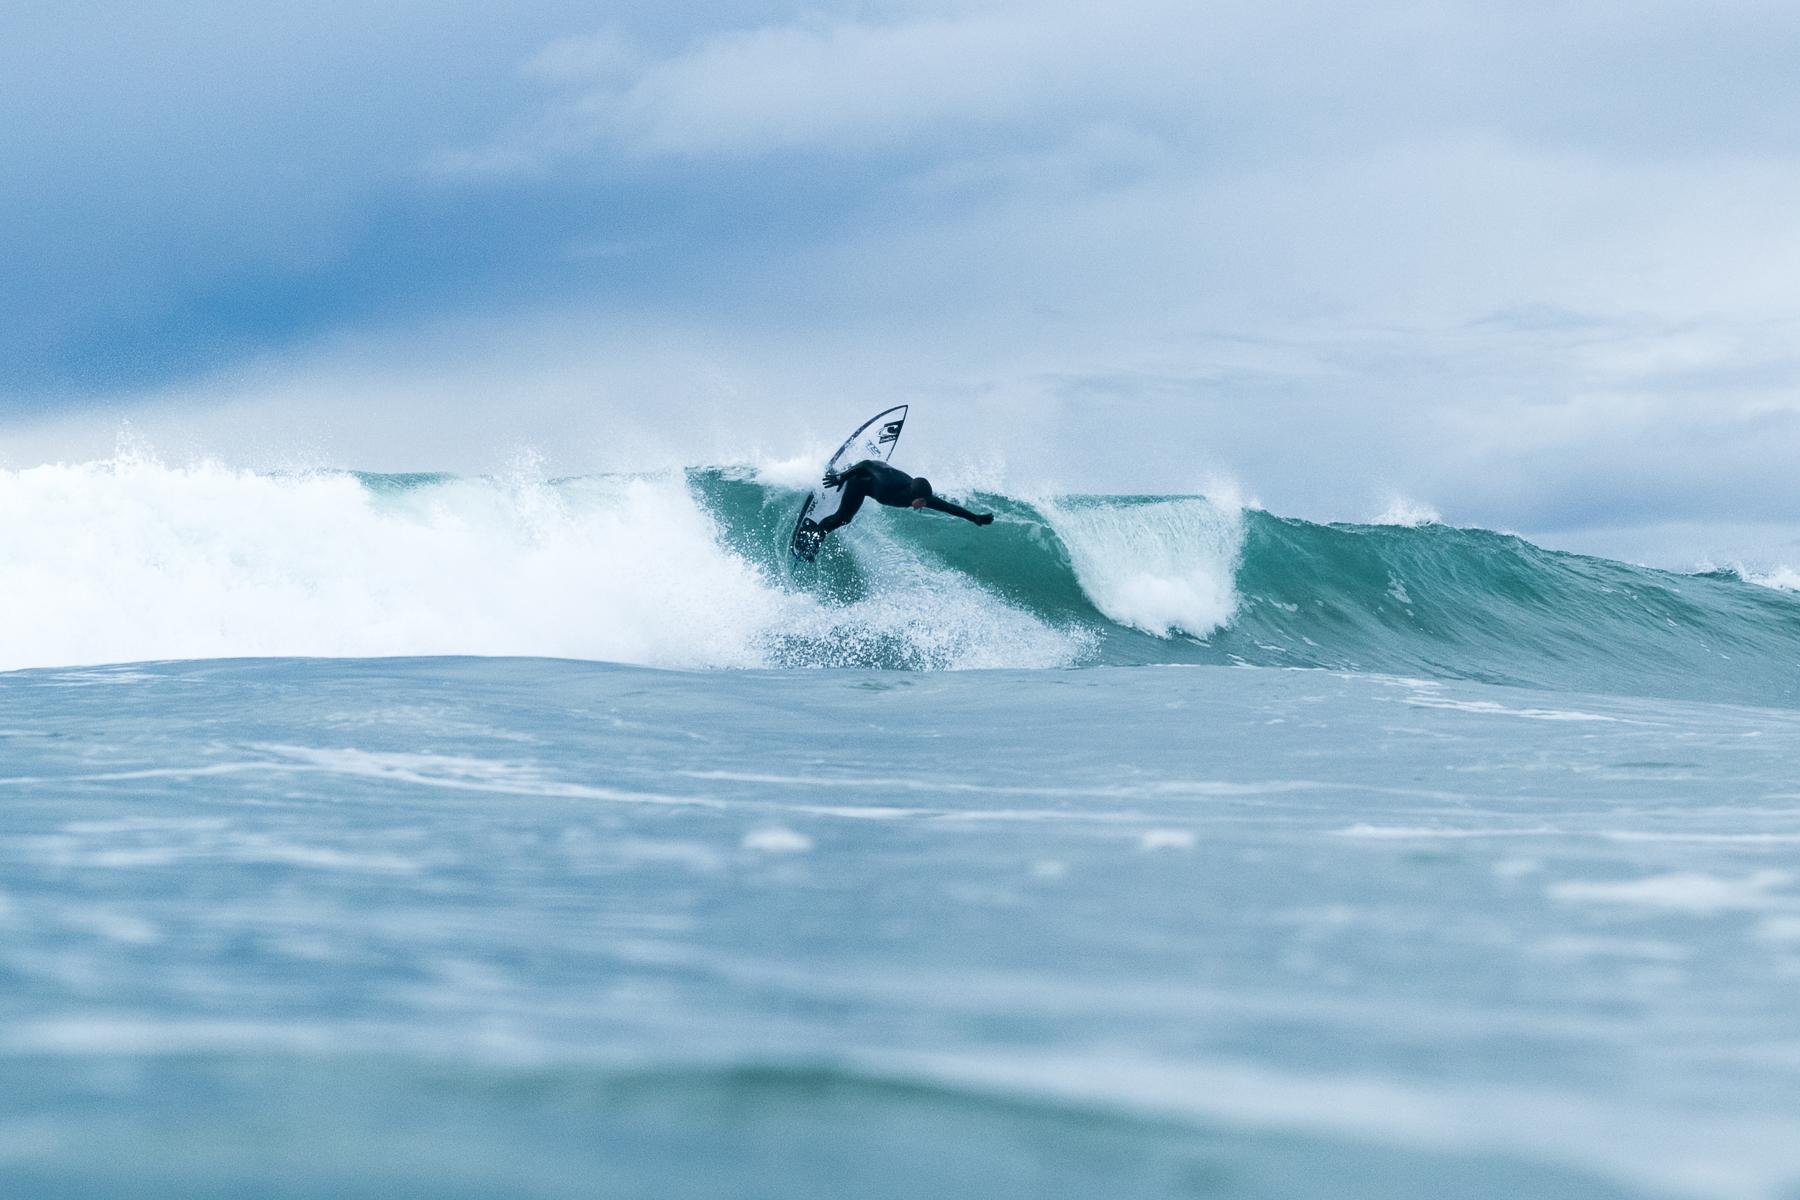 tofino_surf_photography-frazer_mayor_2018_4.jpg